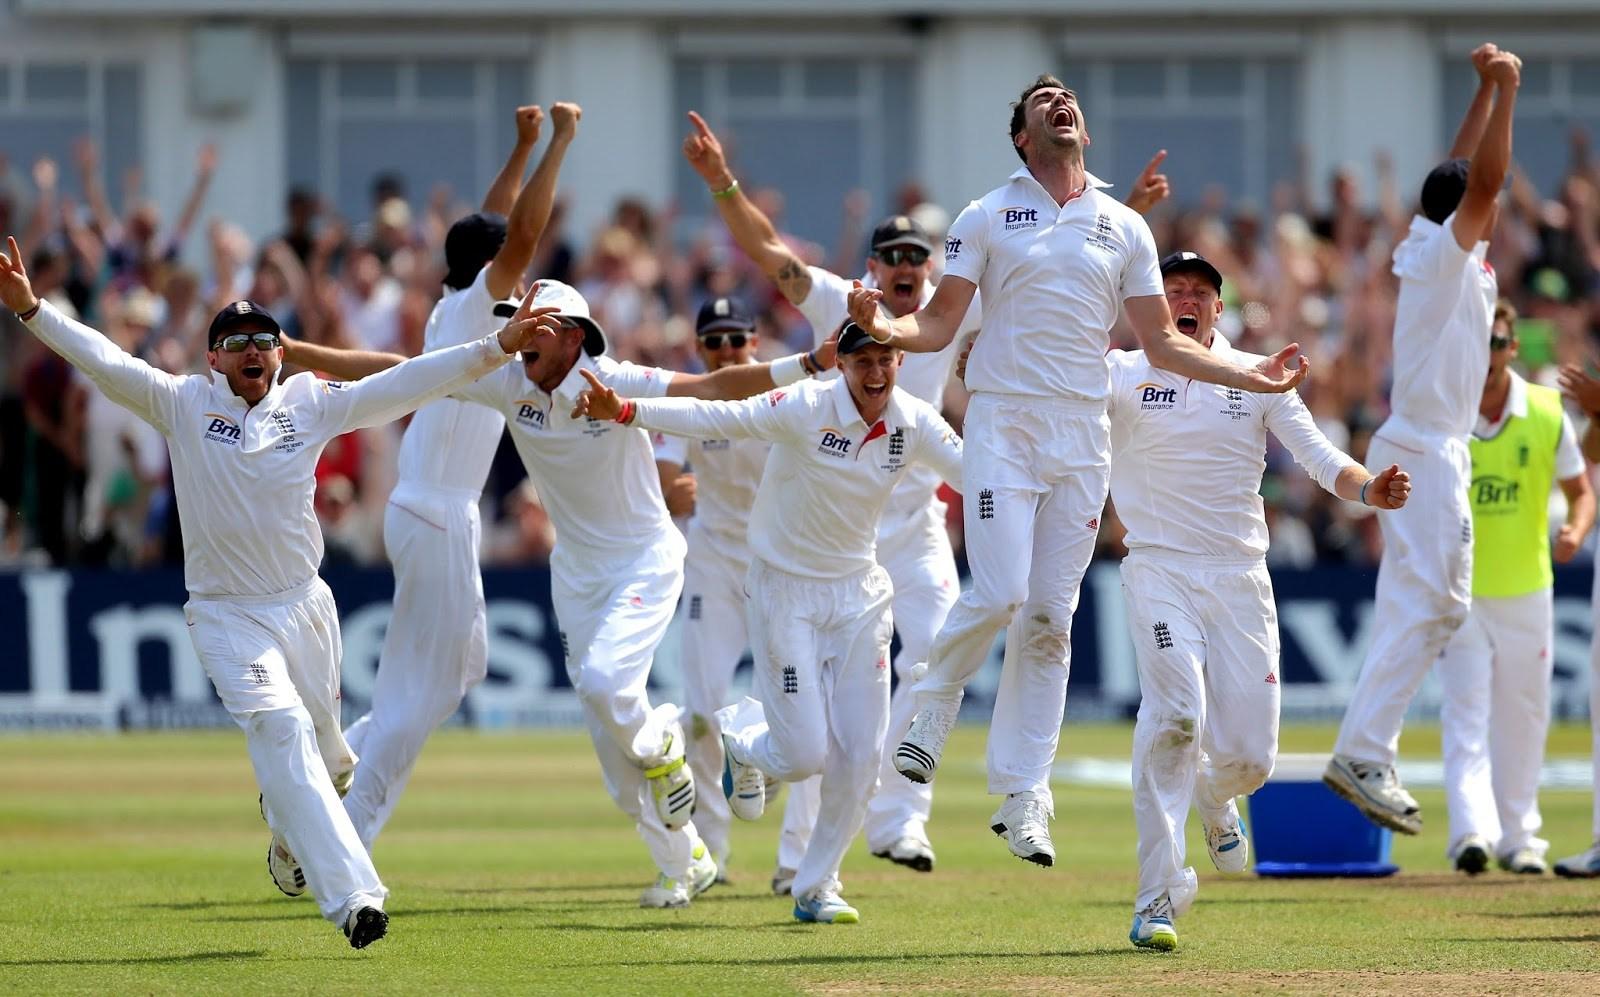 भारत के खिलाफ इंग्लैंड बना सकता है ऐतिहासिक रिकॉर्ड, लेकिन इस तरह से भारत फेर सकता है अंग्रेजो के मंसूबे पर पानी 1